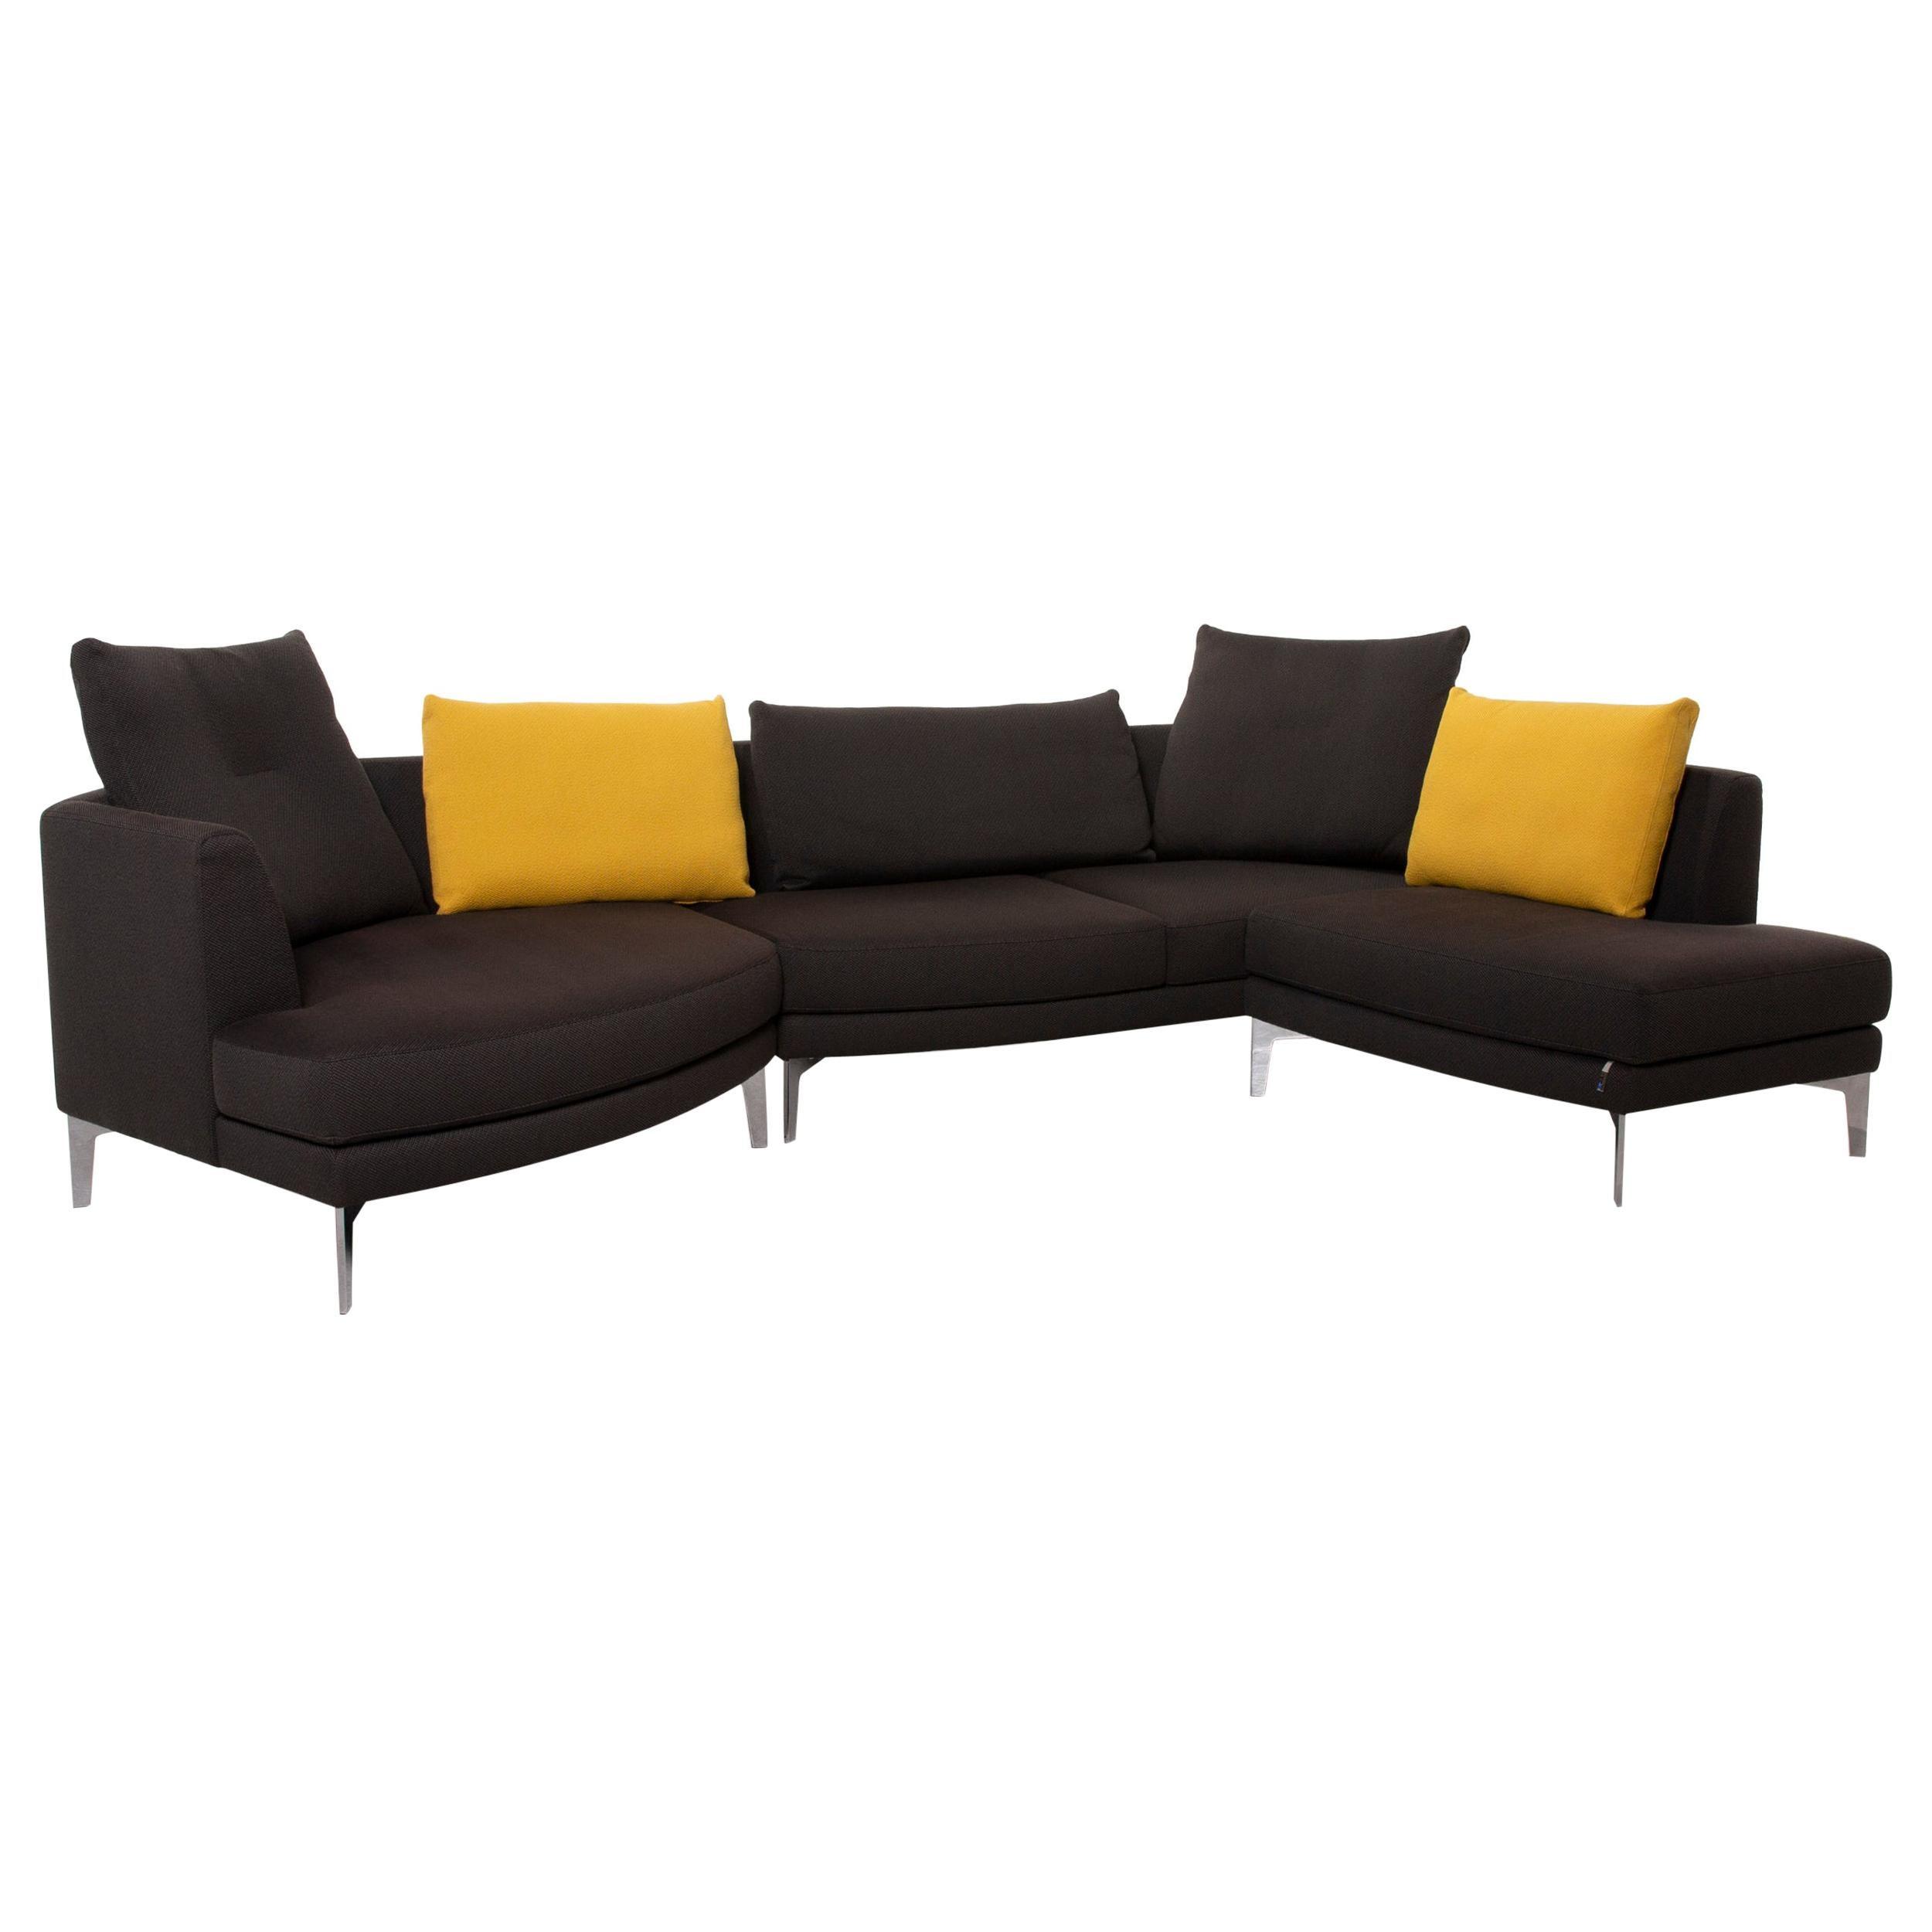 Erpo AV 300 Fabric Sofa Gray Corner Sofa Yellow